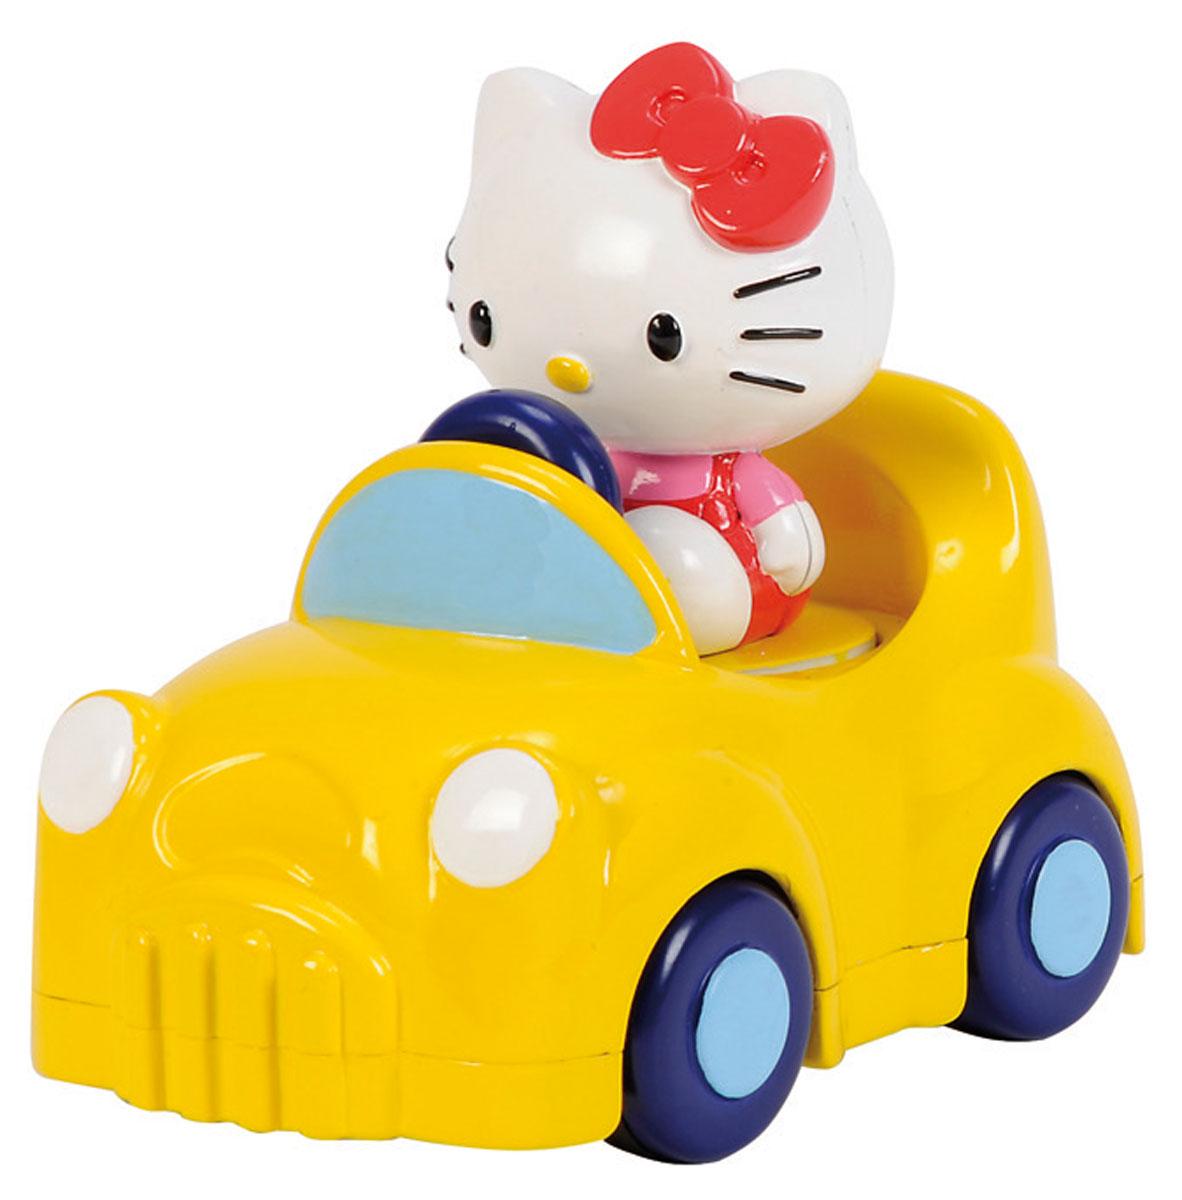 Simba Машинка Hello Kitty4014855Машинка Hello Kitty привлечет внимание вашего ребенка и надолго останется его любимой игрушкой. Плавные формы без острых углов, яркие цвета - все это выгодно выделяет эту игрушку из ряда подобных. Игрушка оснащена инерционным ходом. Если нажать на Китти, вдавив ее внутрь, а затем отпустить - машинка быстро поедет вперед. Машинка развивает концентрацию внимания, координацию движений, мелкую моторику рук, цветовое восприятие и воображение. Малышка будет часами играть с этой машинкой, придумывая разные истории.